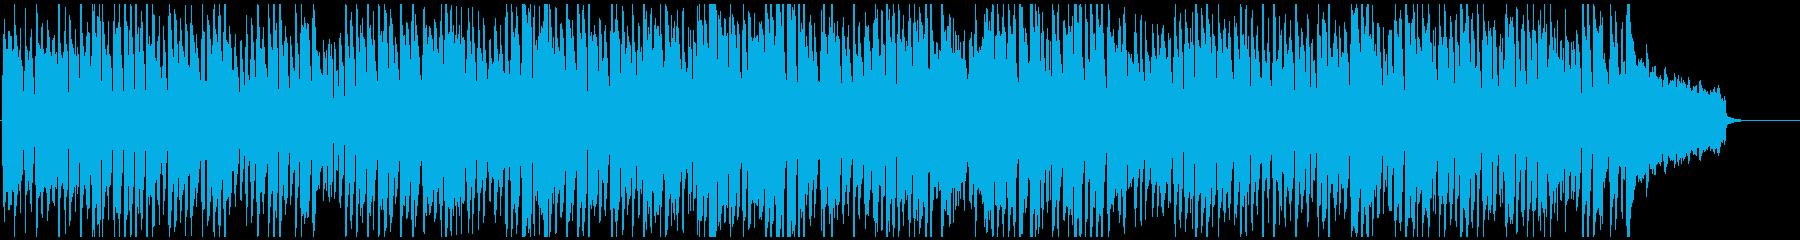 コメディ系の管楽器ポップス劇伴、サックスの再生済みの波形